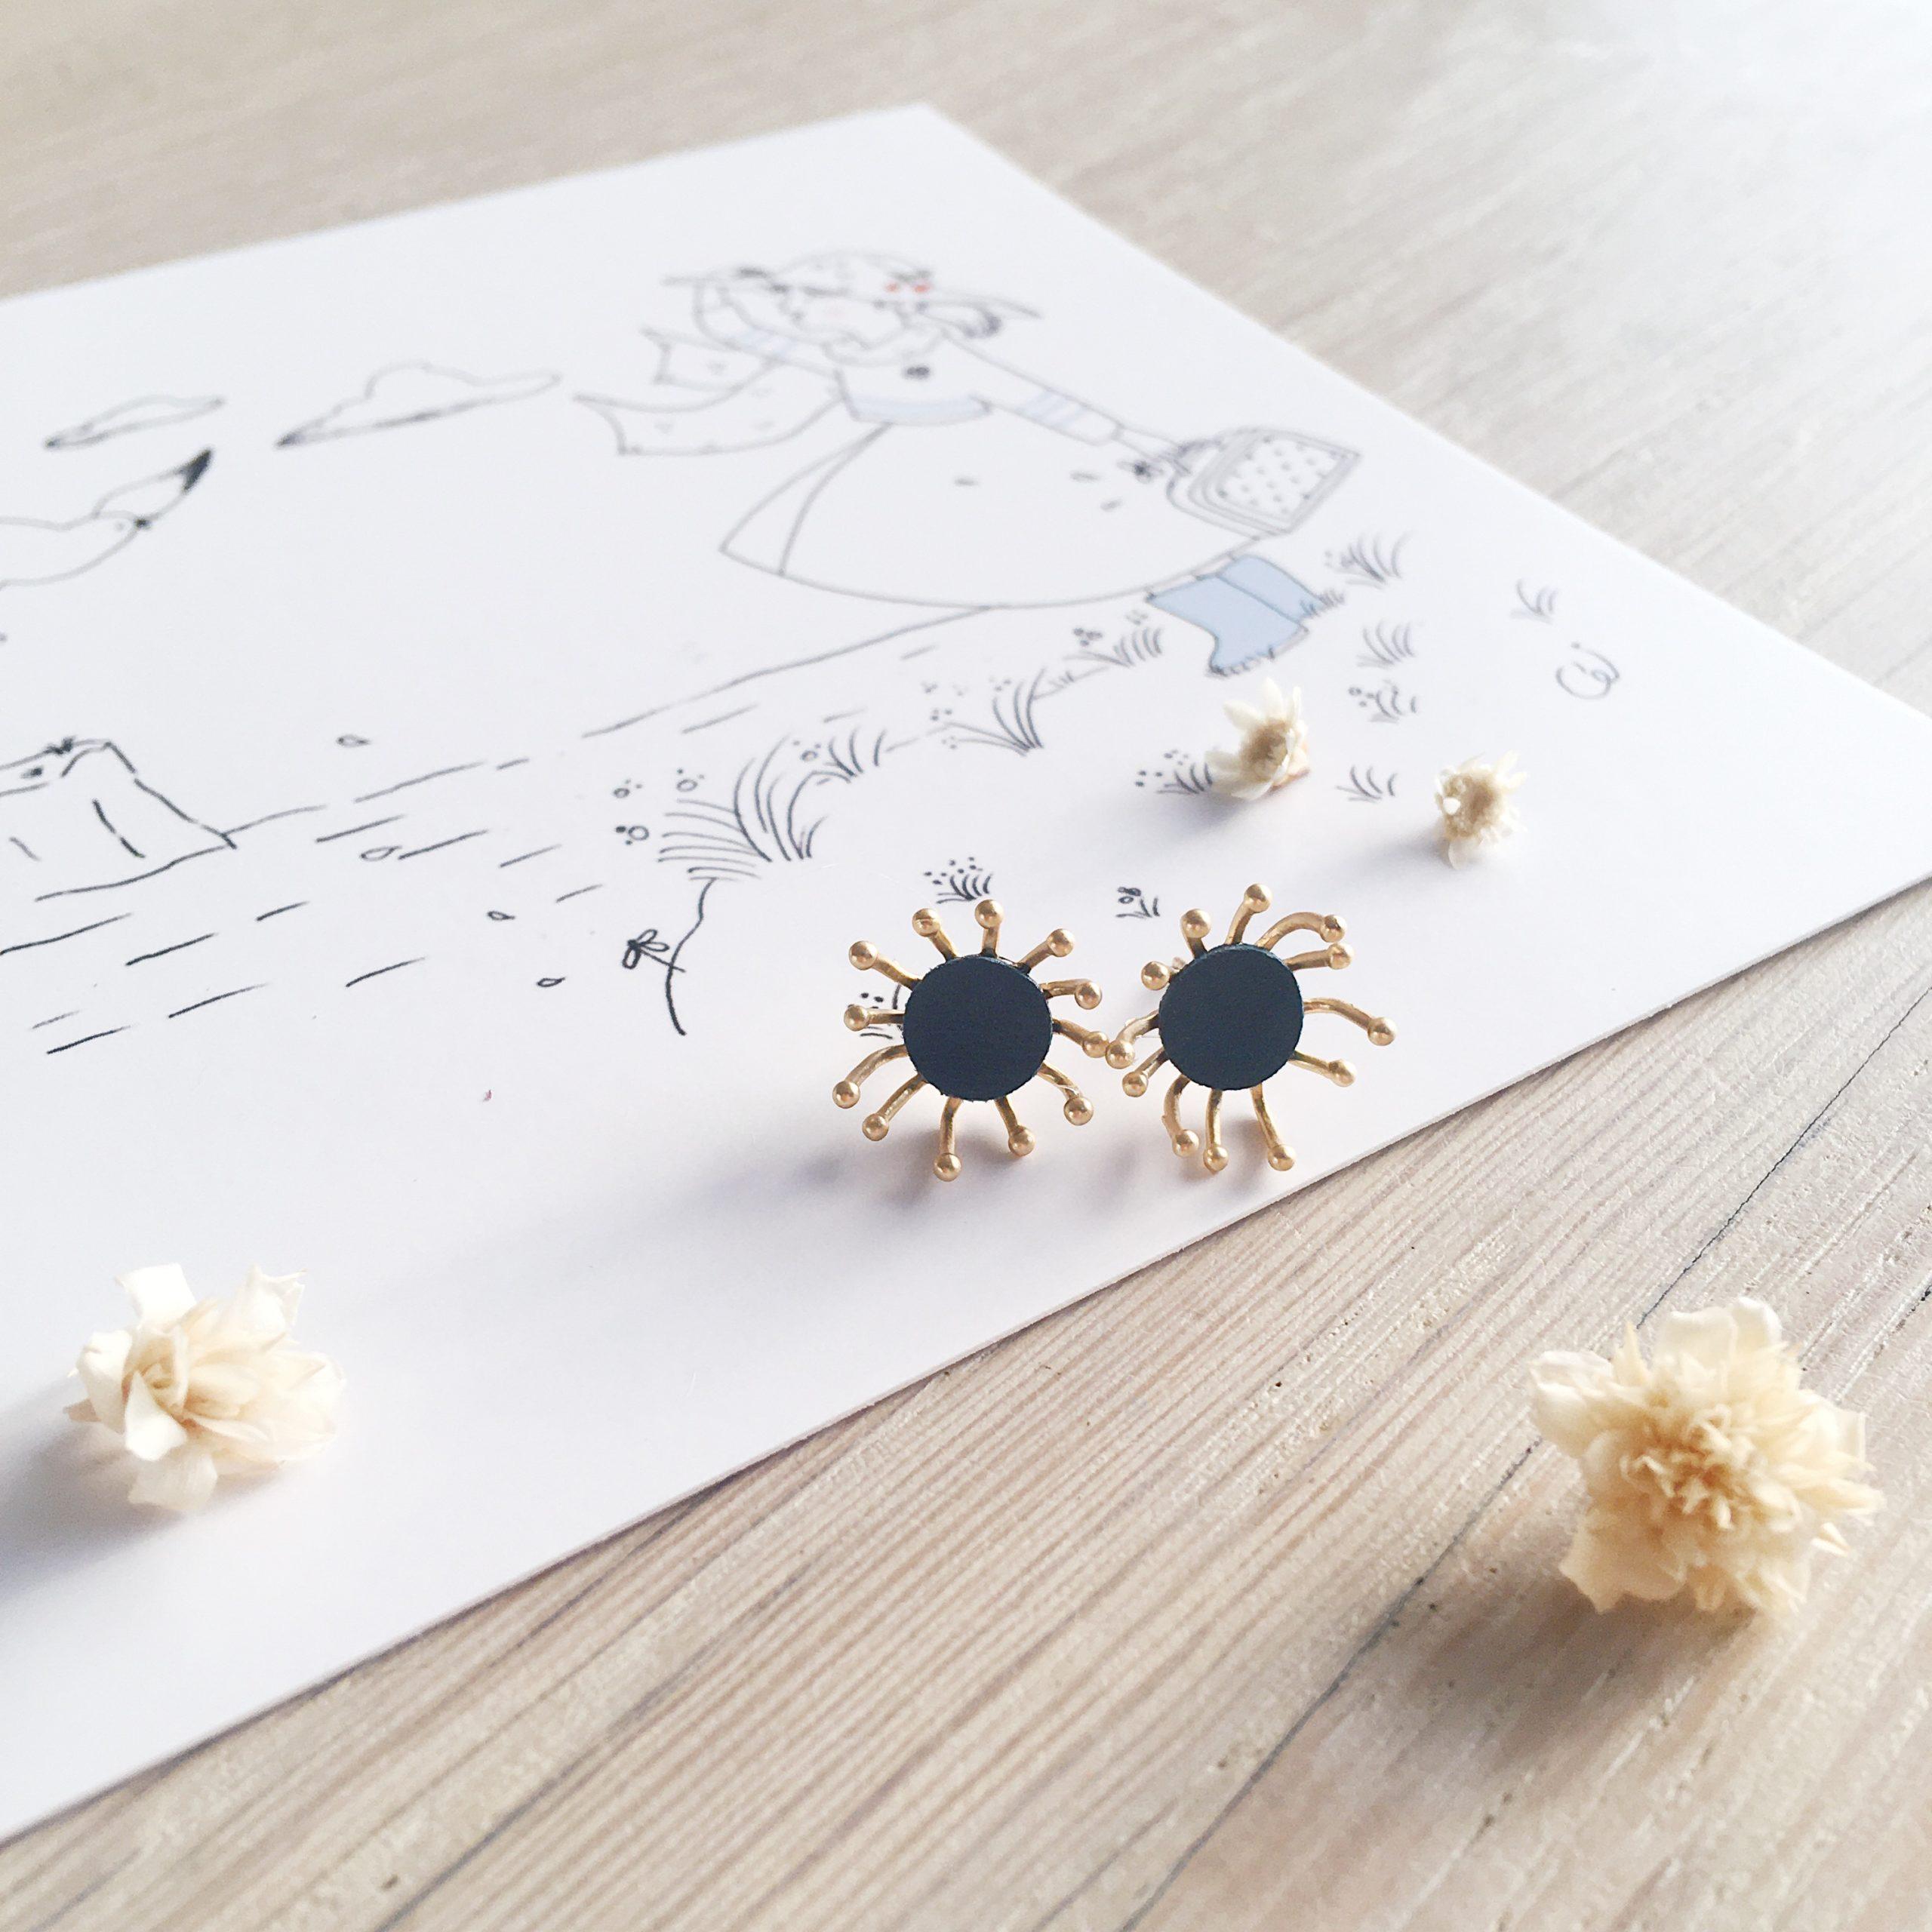 clous d'oreilles cuir bijoux poétiques fleurs du vent d'hiver bleu paon - du vent dans mes valises